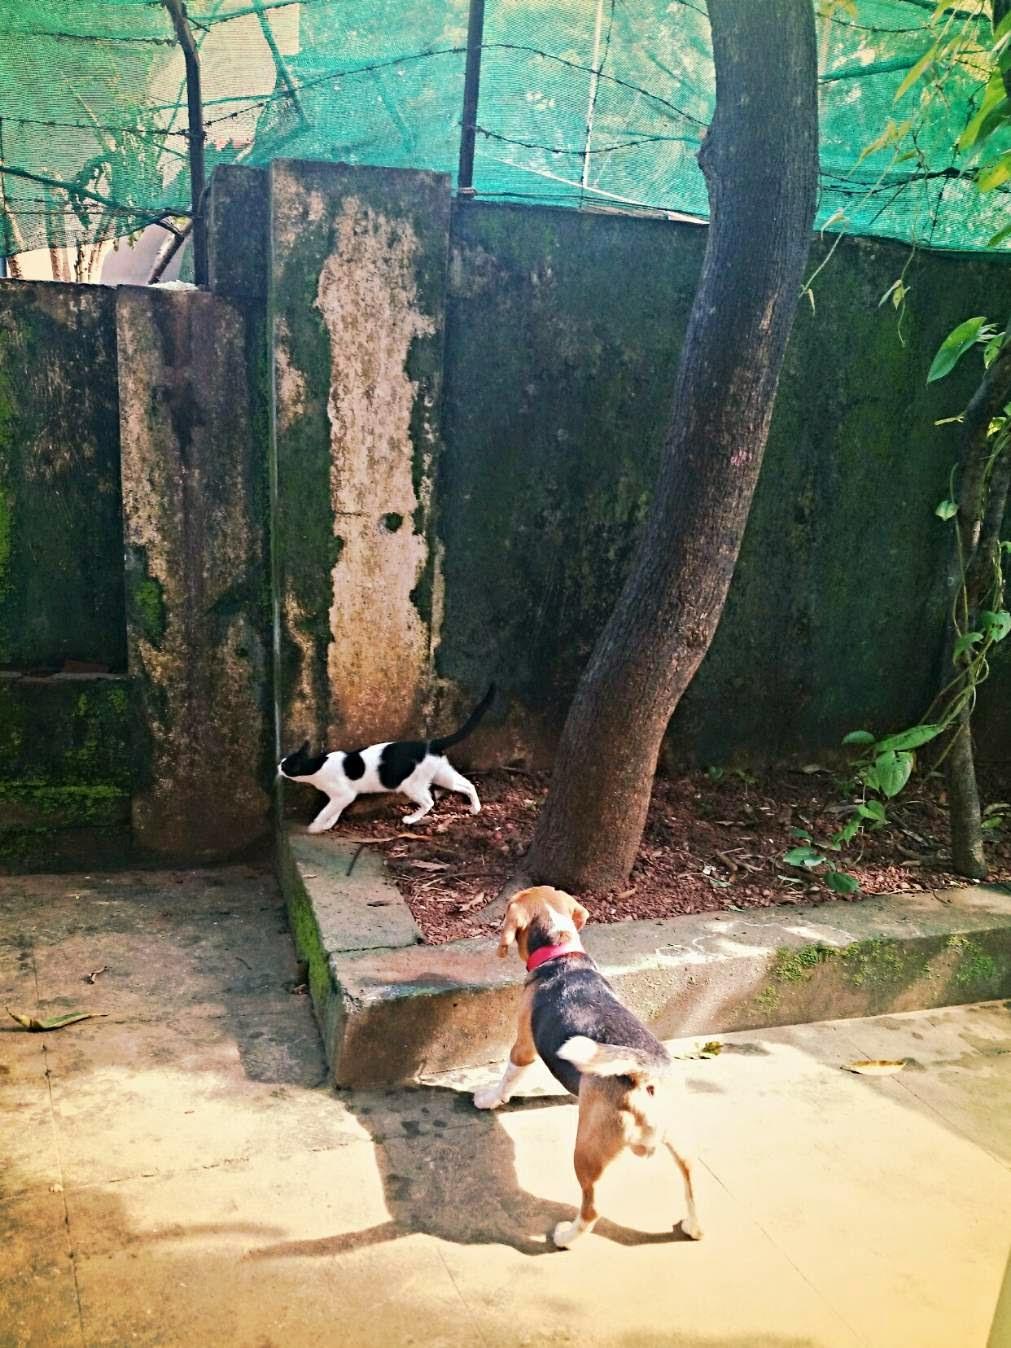 dog Godyears beagle